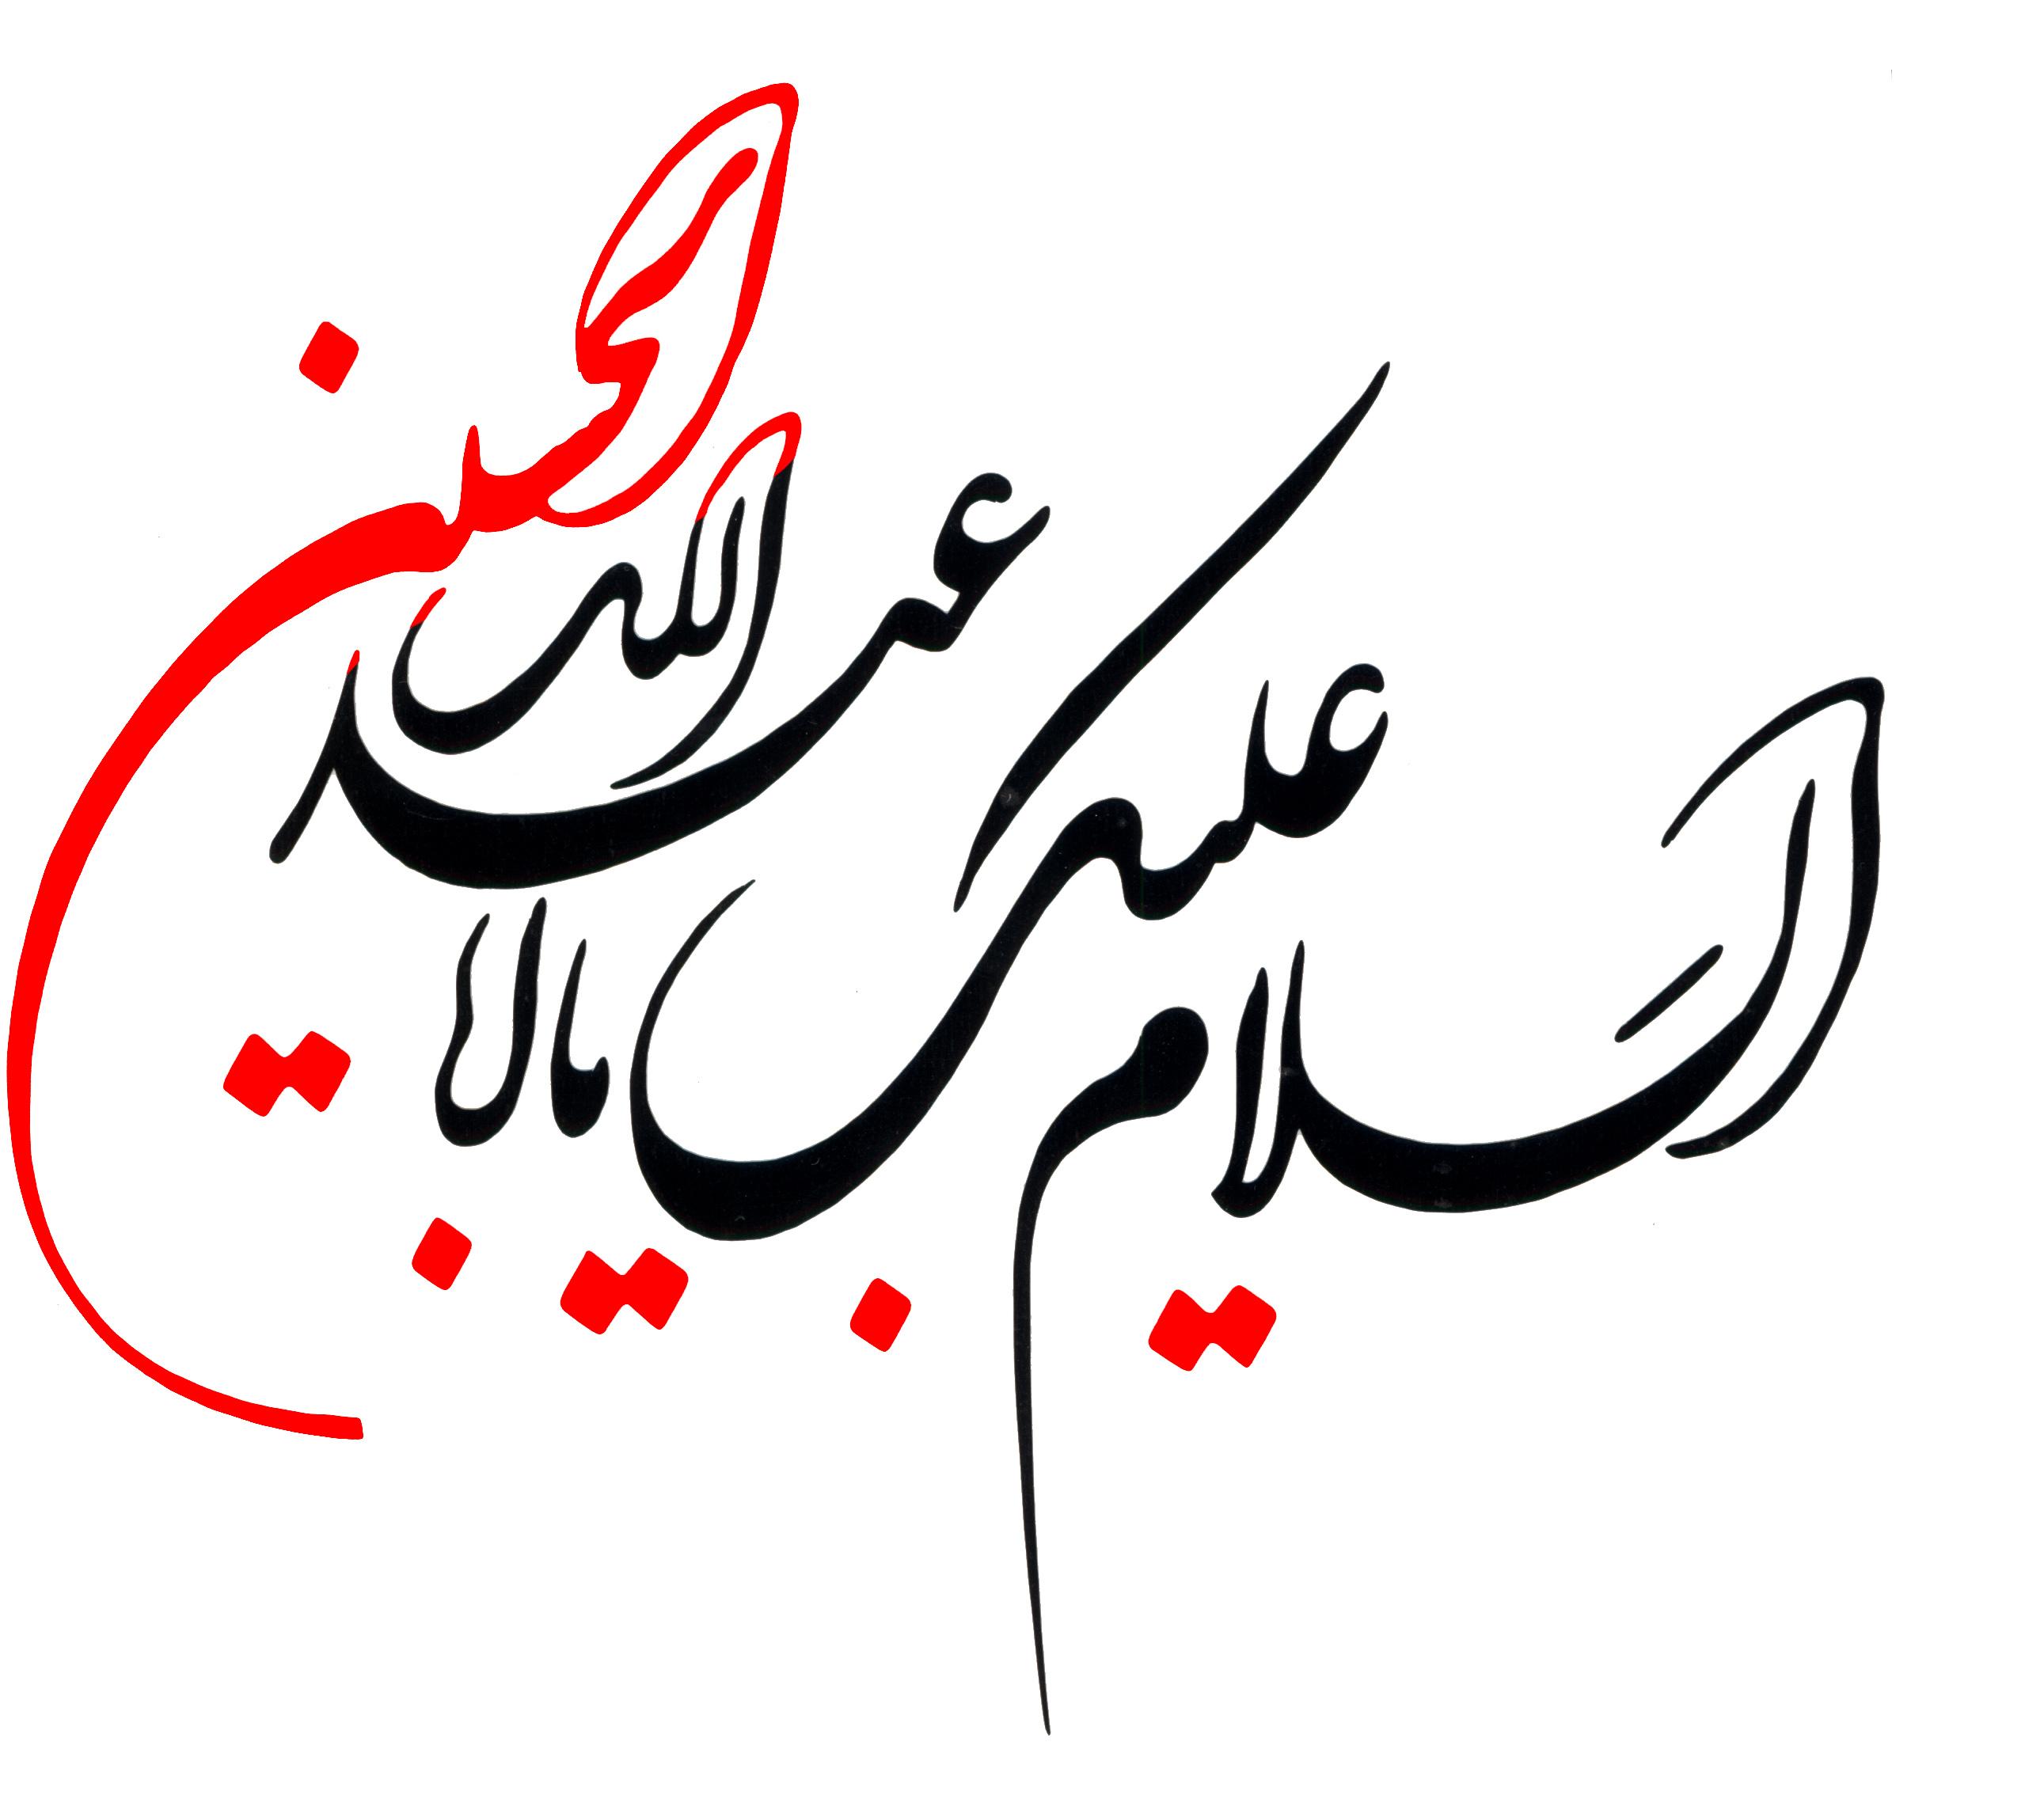 Khat-00054-yasinmedia.com